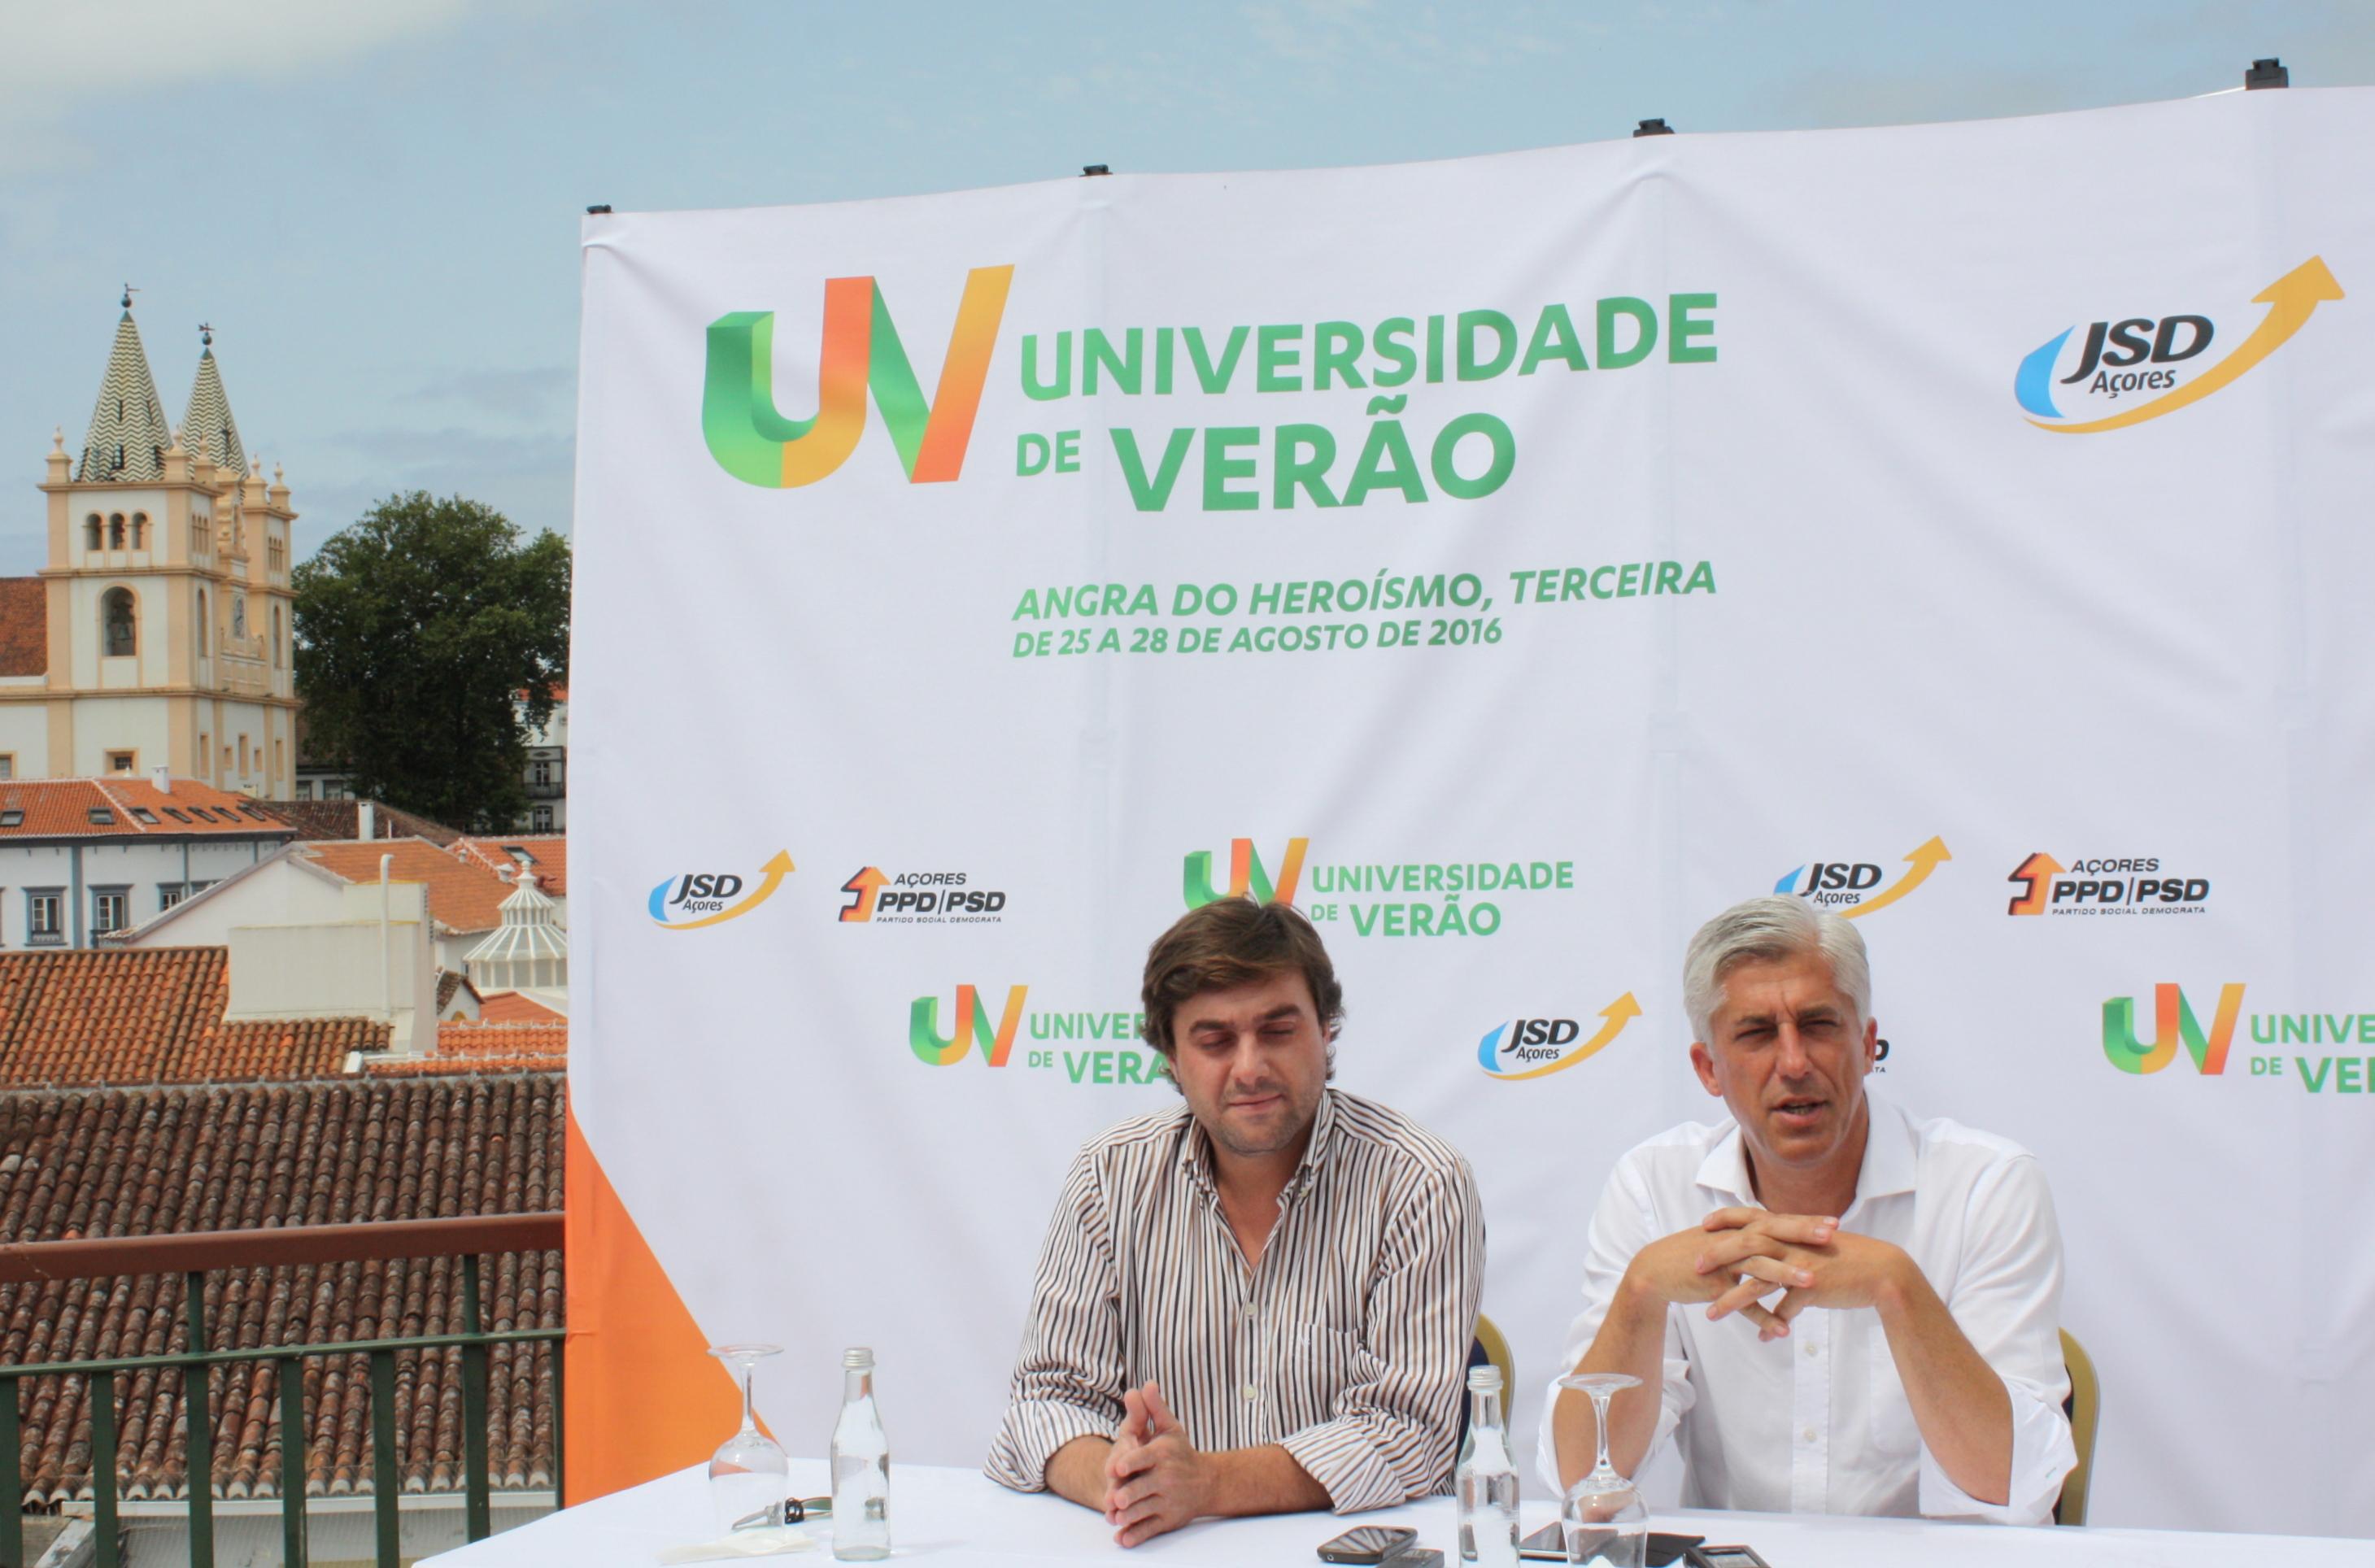 """Universidade de Verão """"é um velho sonho que está a formar os políticos de amanhã"""", afirma Duarte Freitas"""